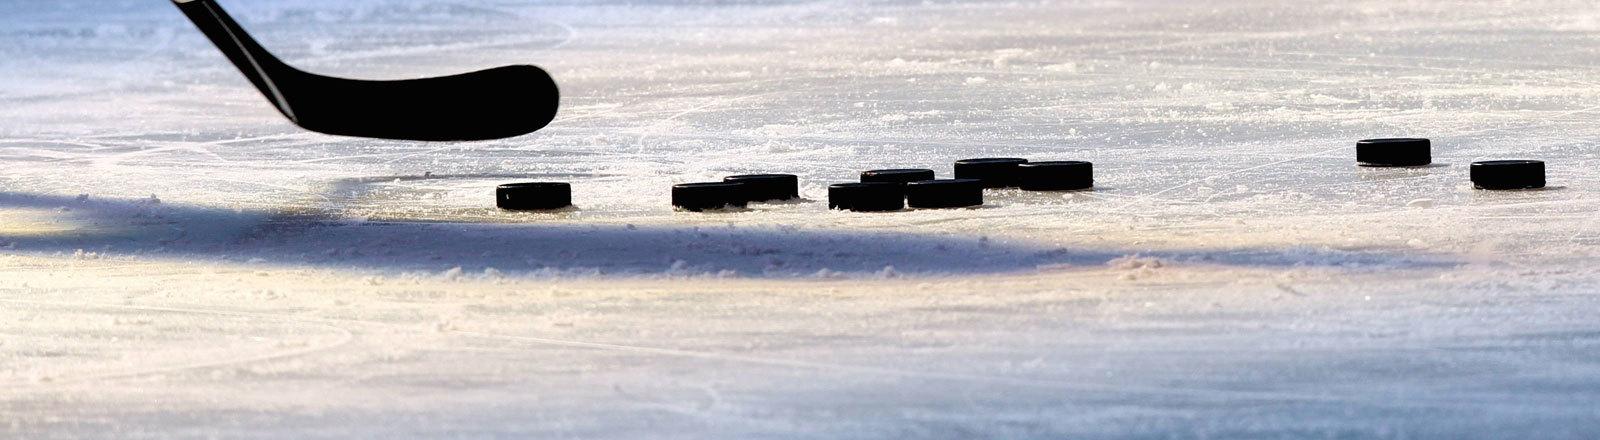 Eishockeyschläger und Pucks auf einem Eishockey-Spielfeld.